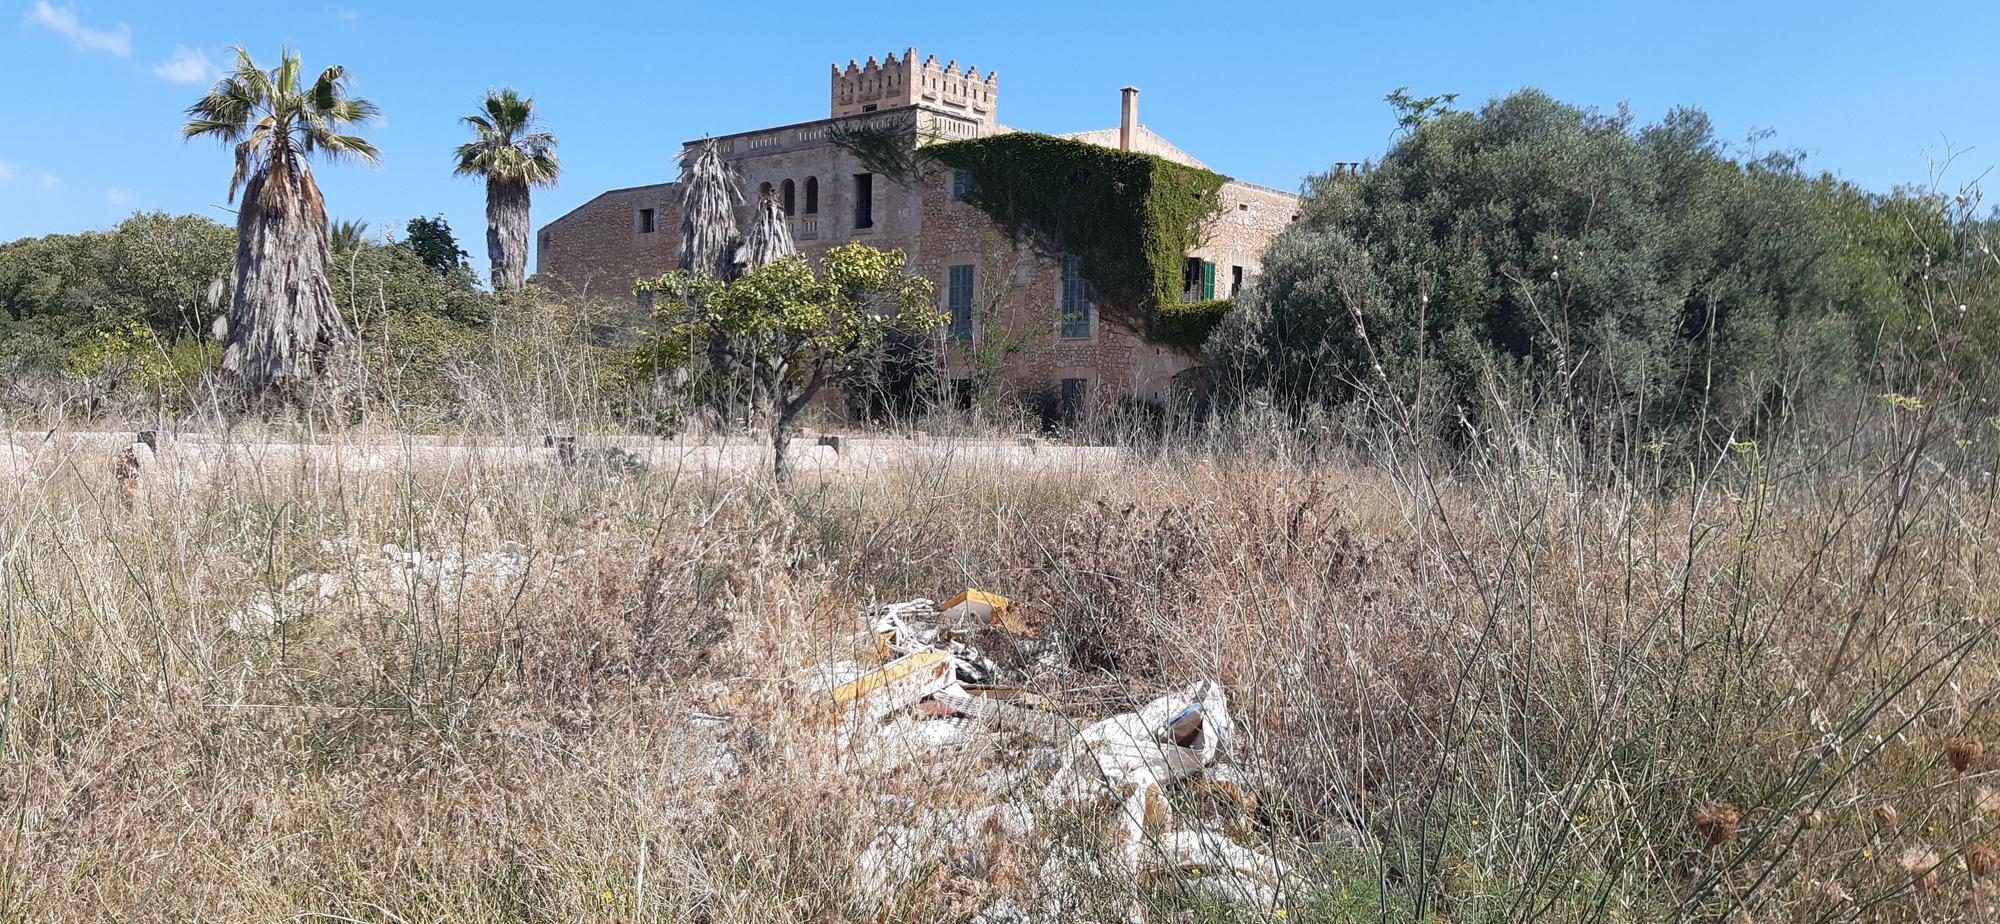 El Ayuntamiento tiene un vertedero ilegal dentro de su 'possessió' Son Reus Vell